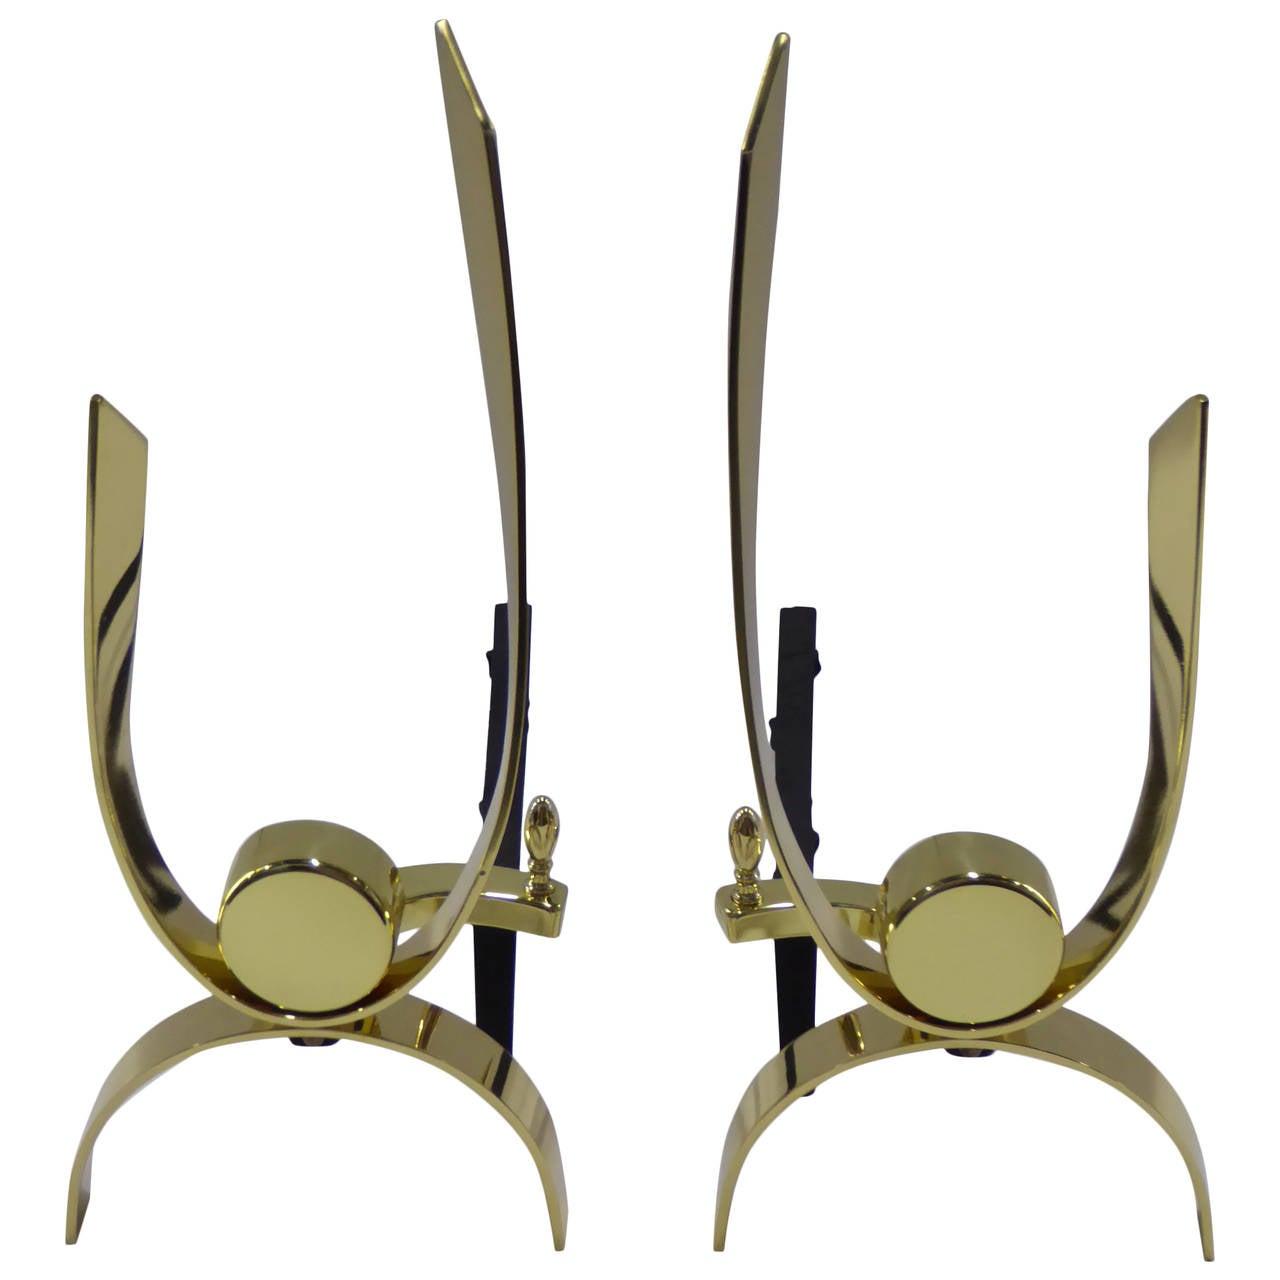 Donald Deskey Modernist Brass Andirons